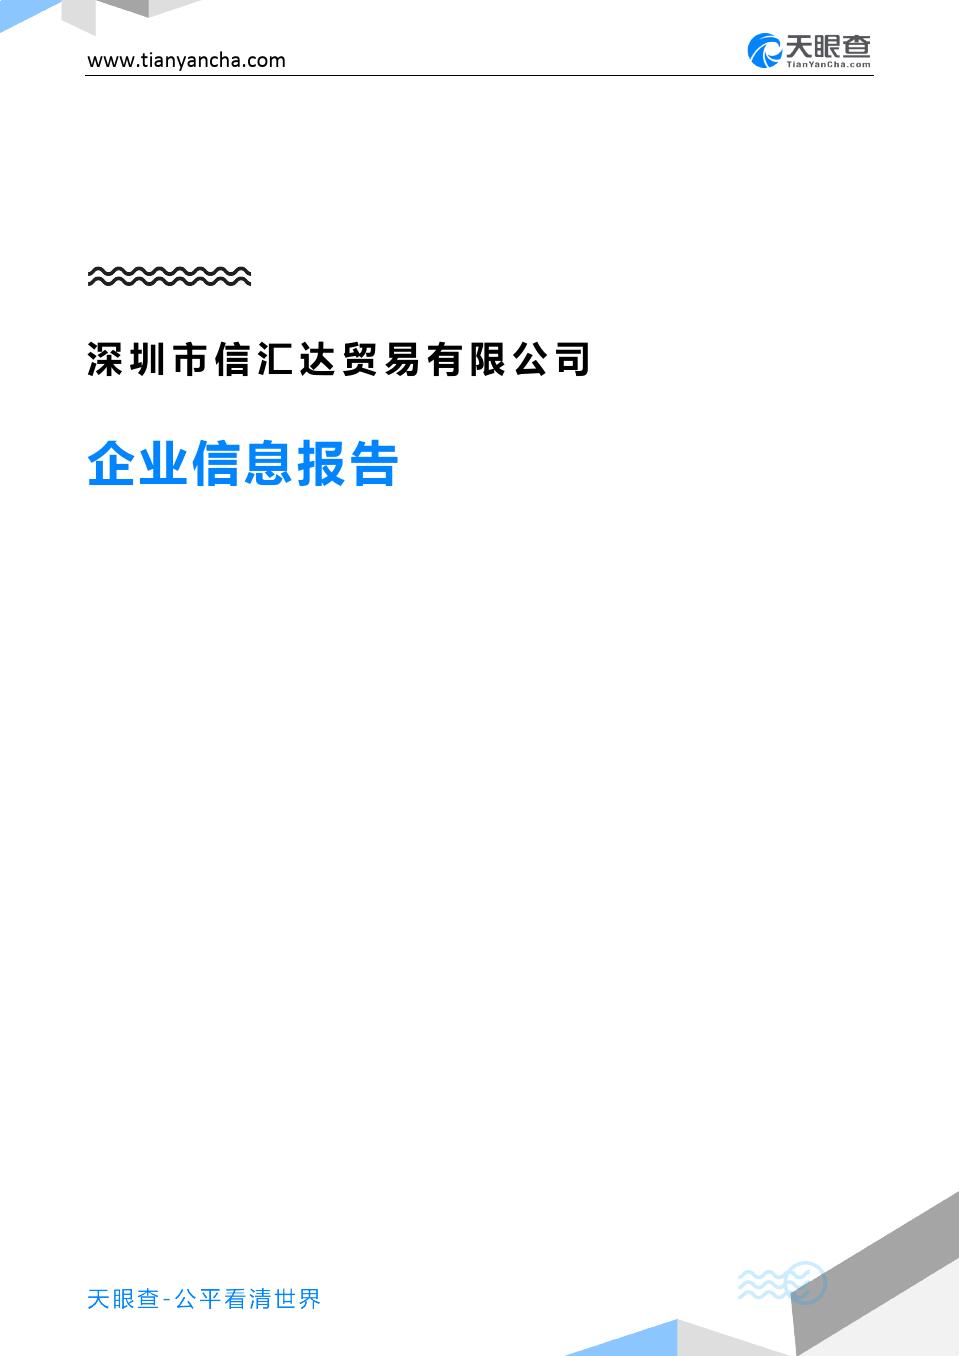 深圳市信汇达贸易有限公司企业信息报告-天眼查